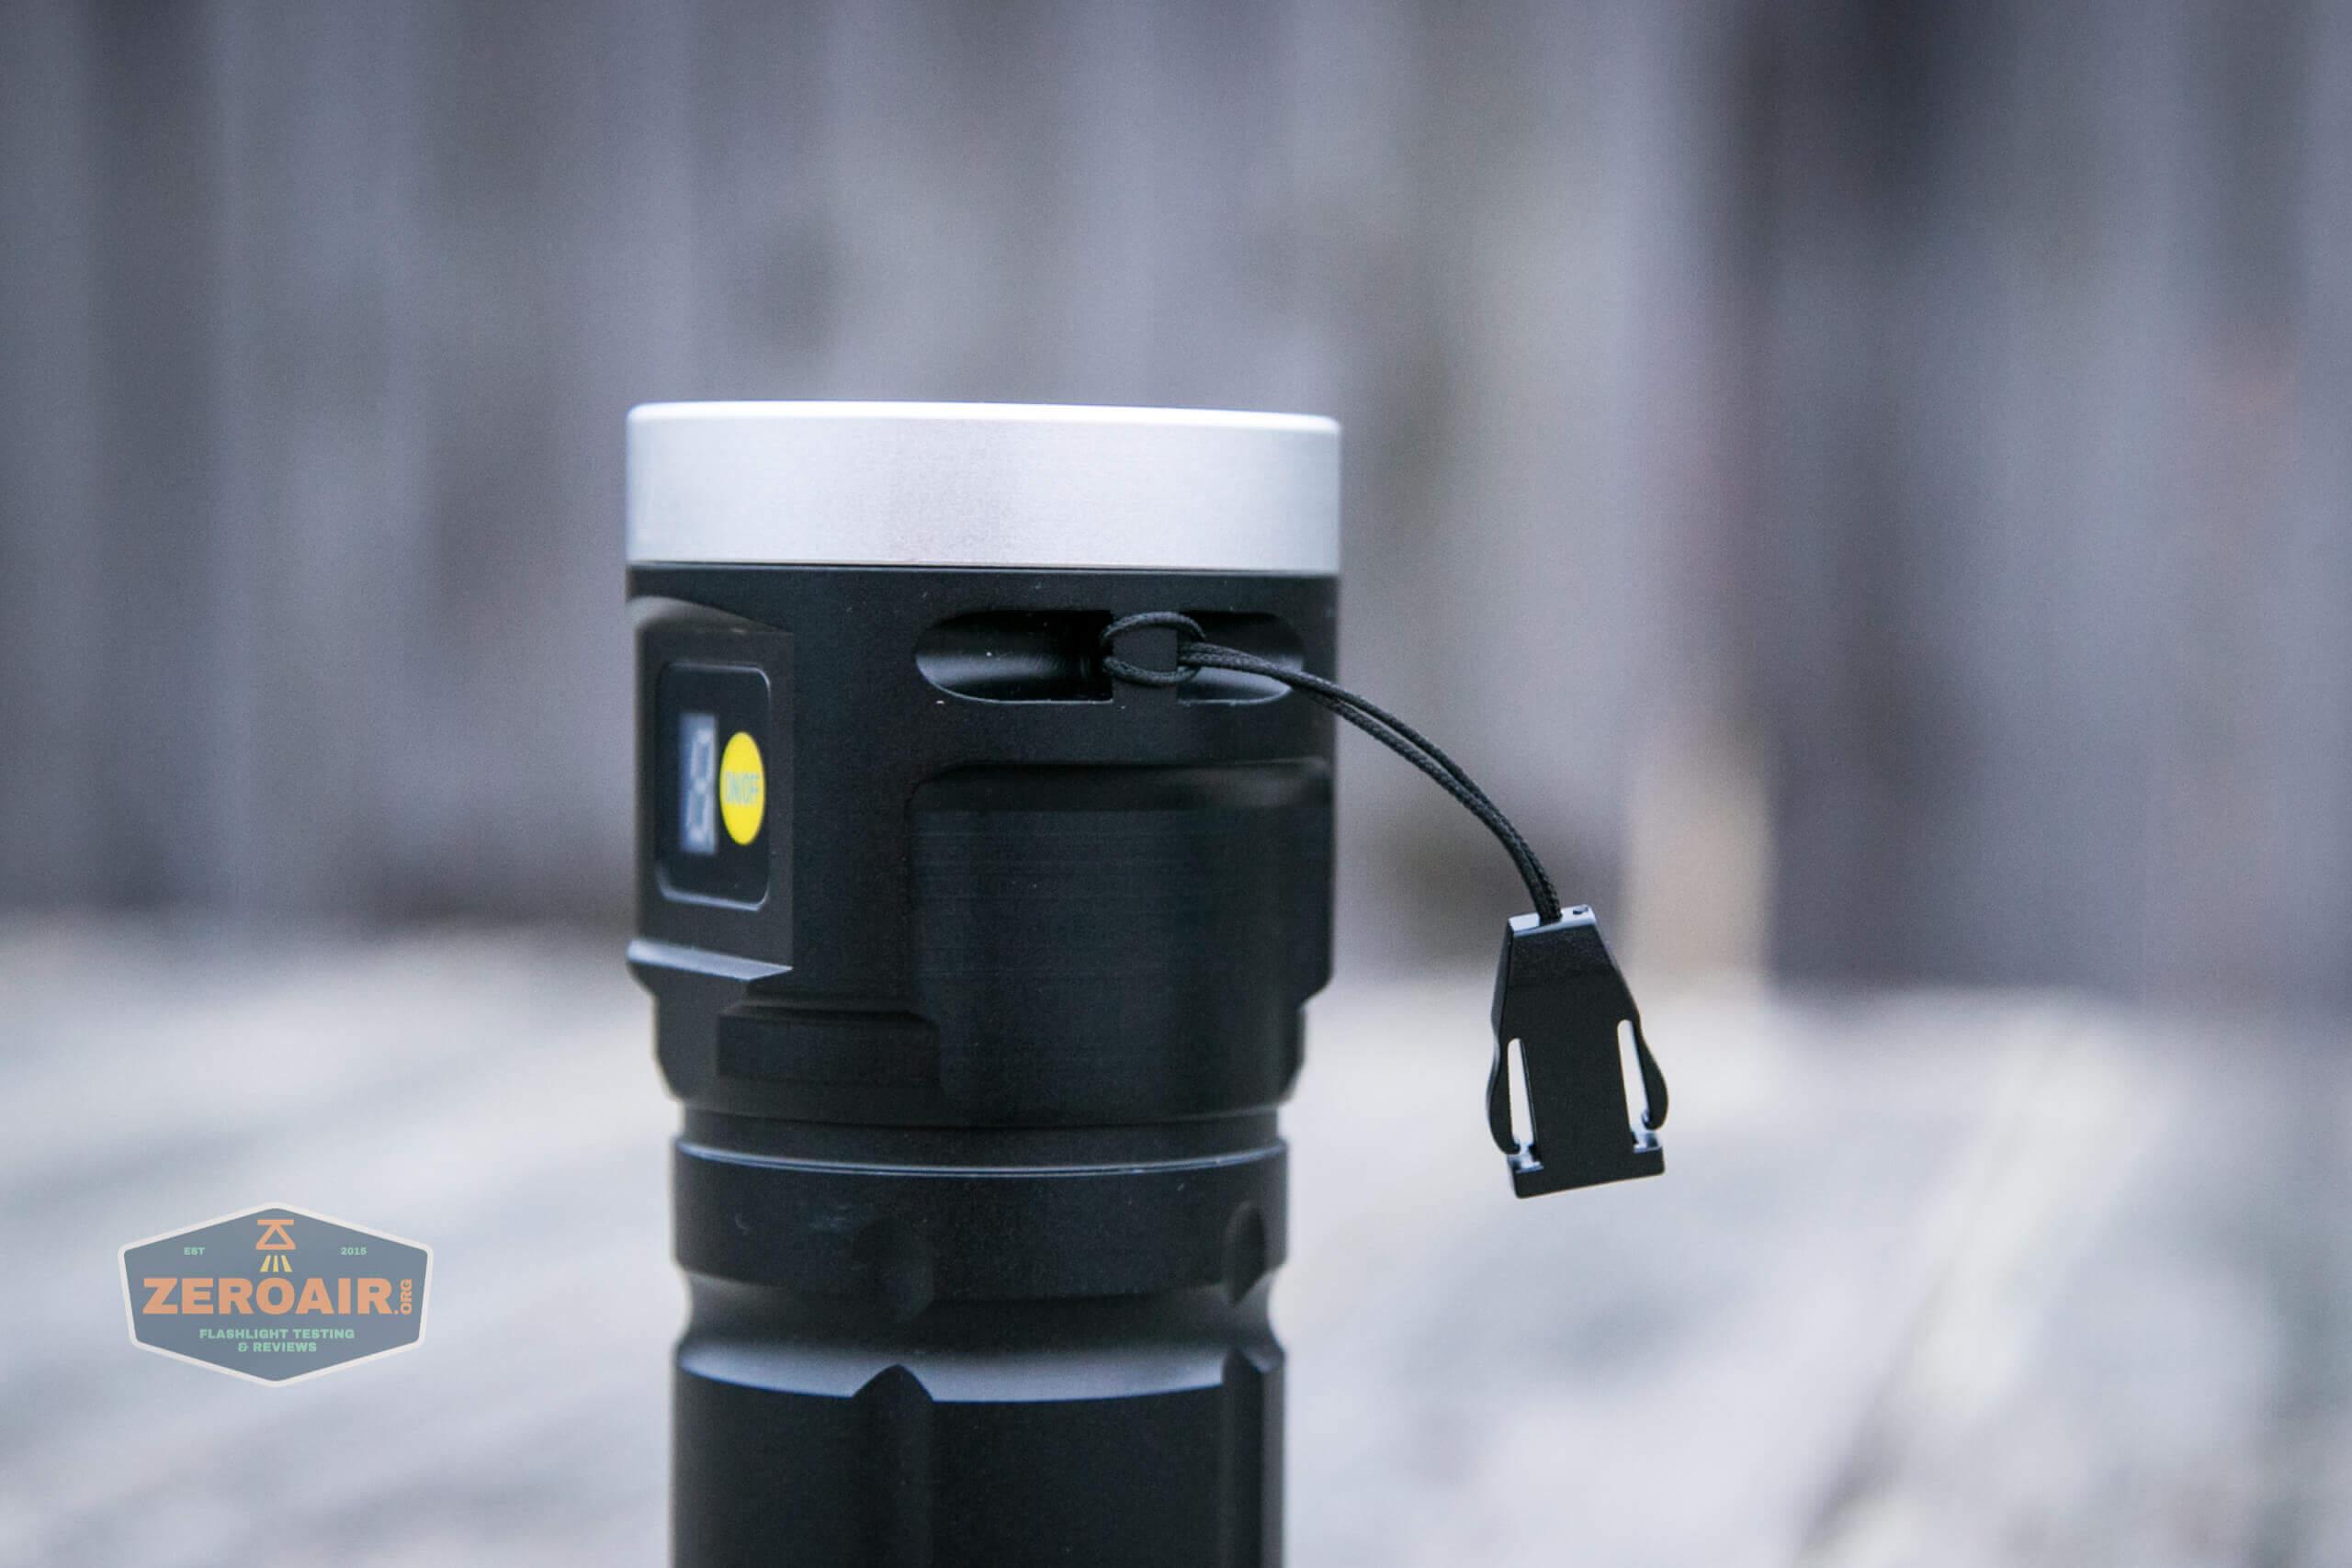 nitebeam x12uv flashlight lanyard installed